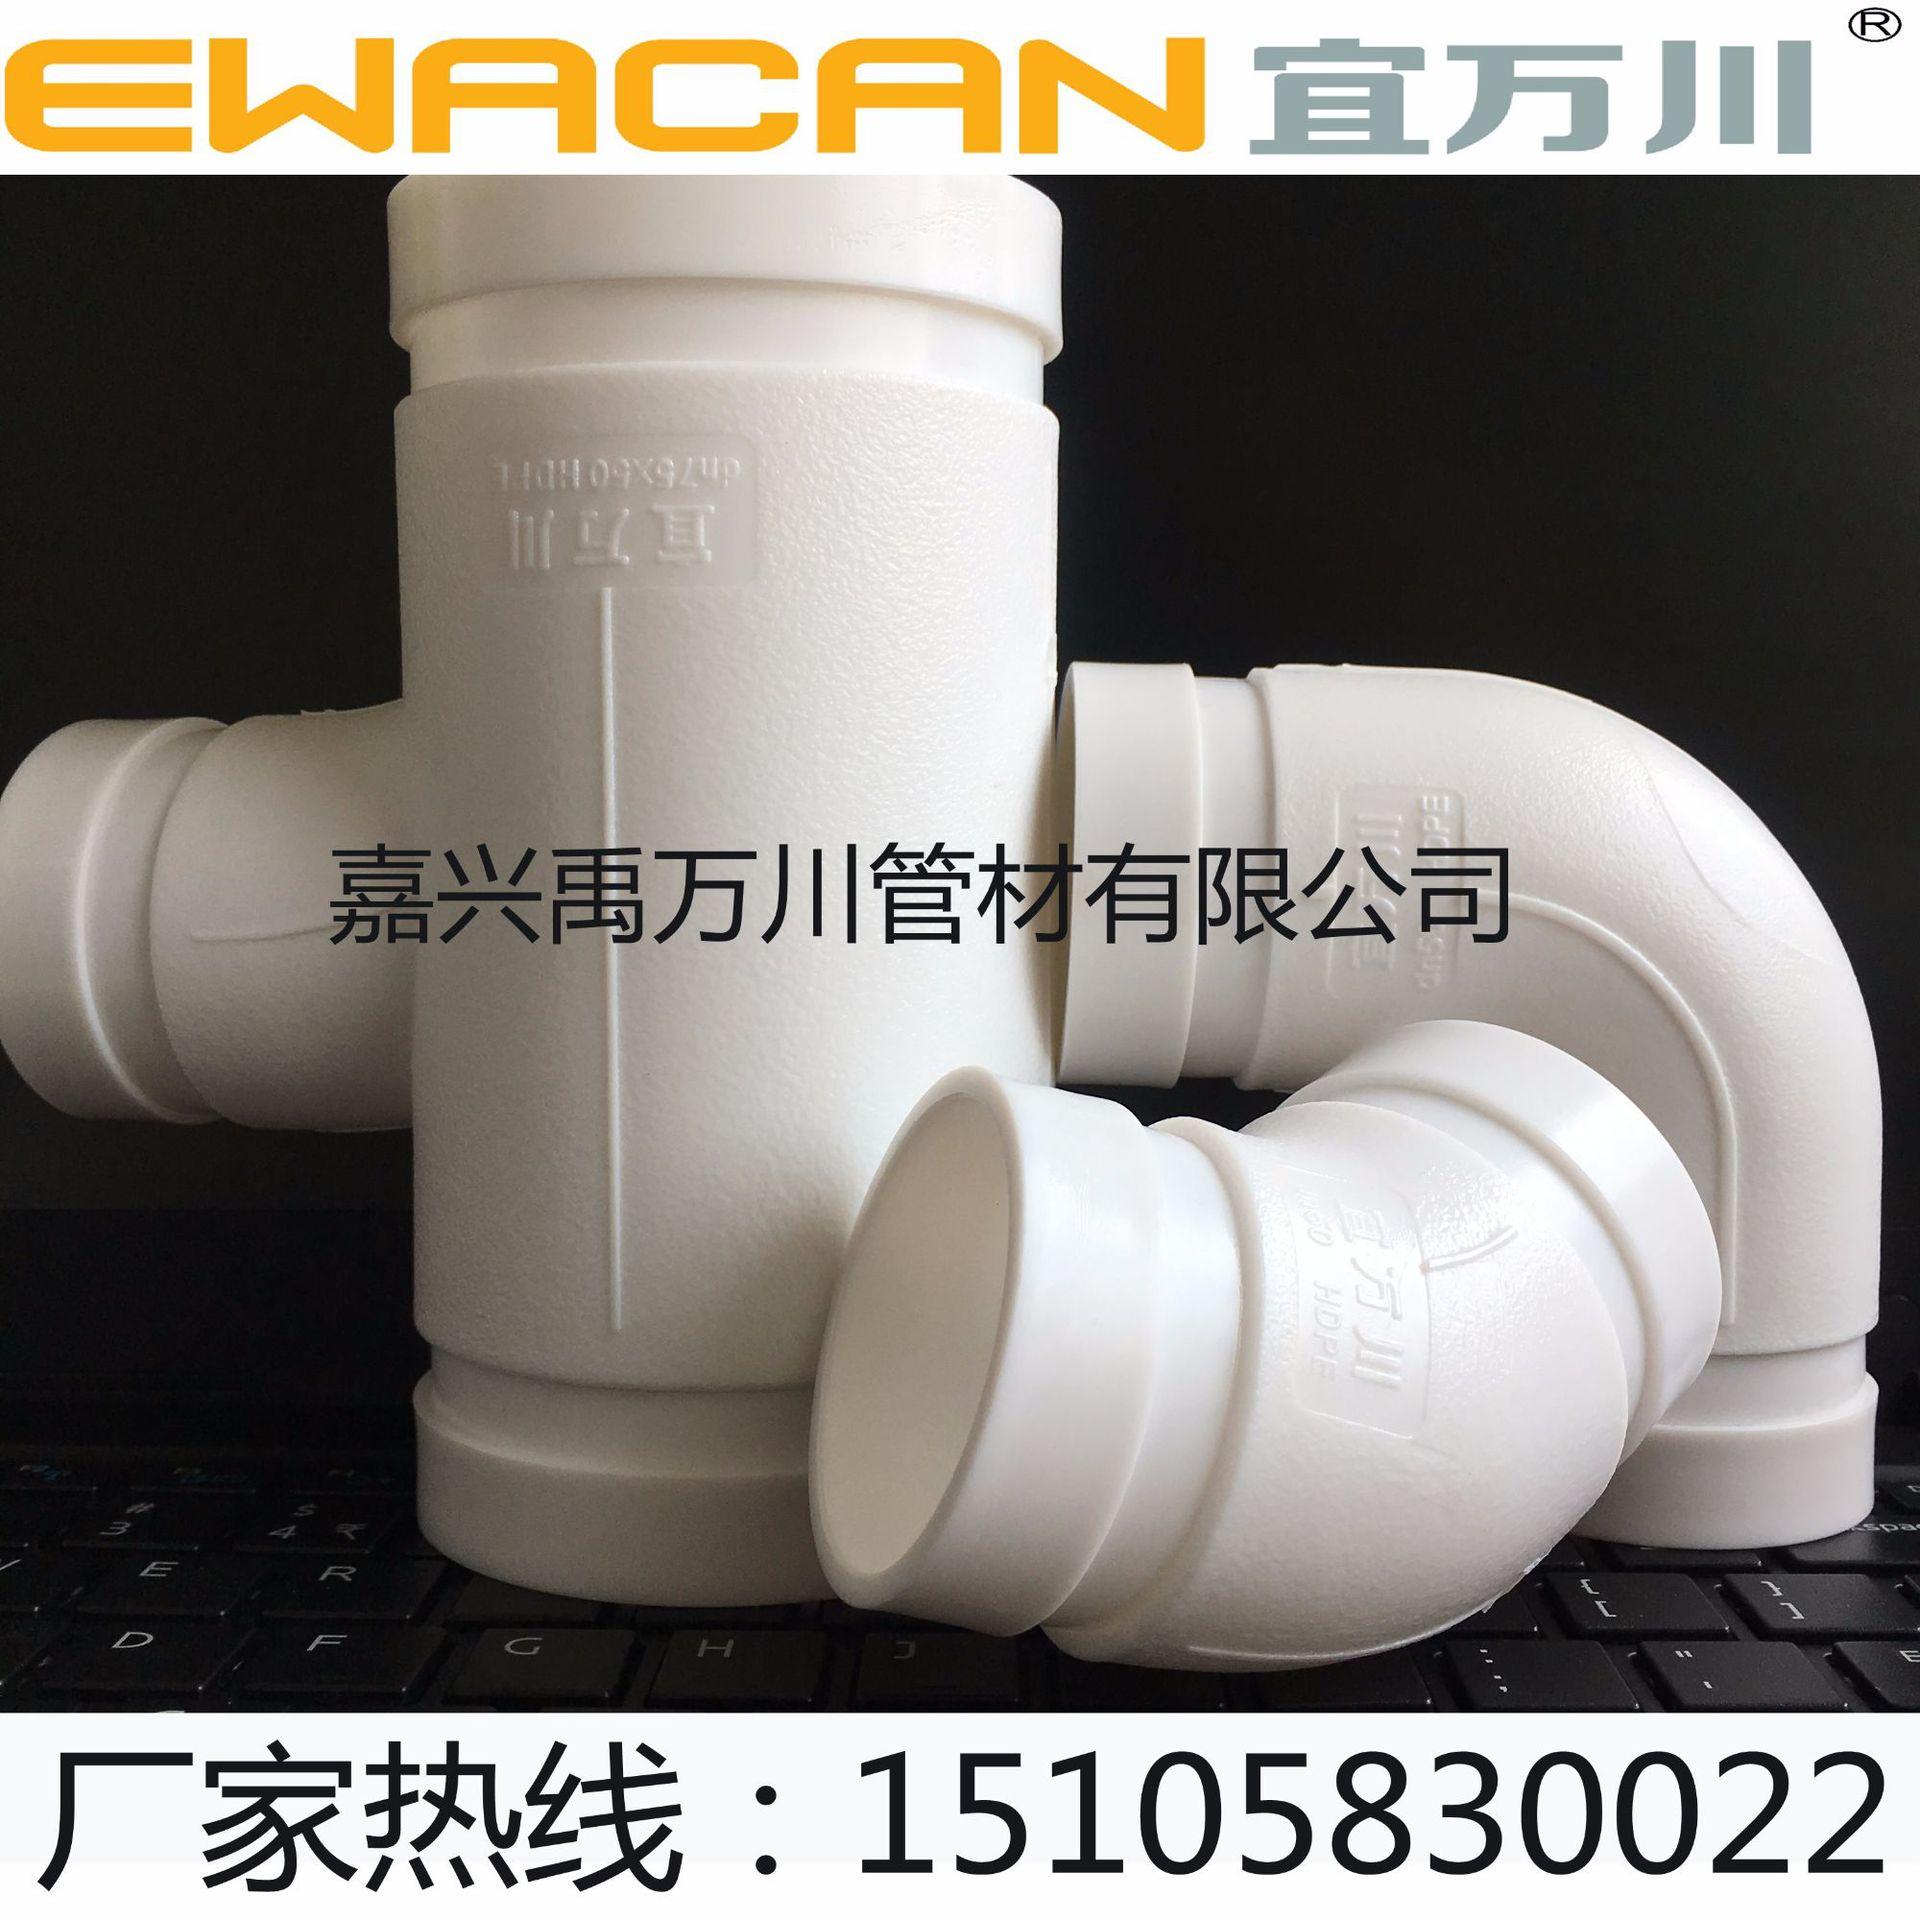 HDPE沟槽式超静音排水管,沟槽式HDPE静音排水管,沟槽柔性连接示例图4